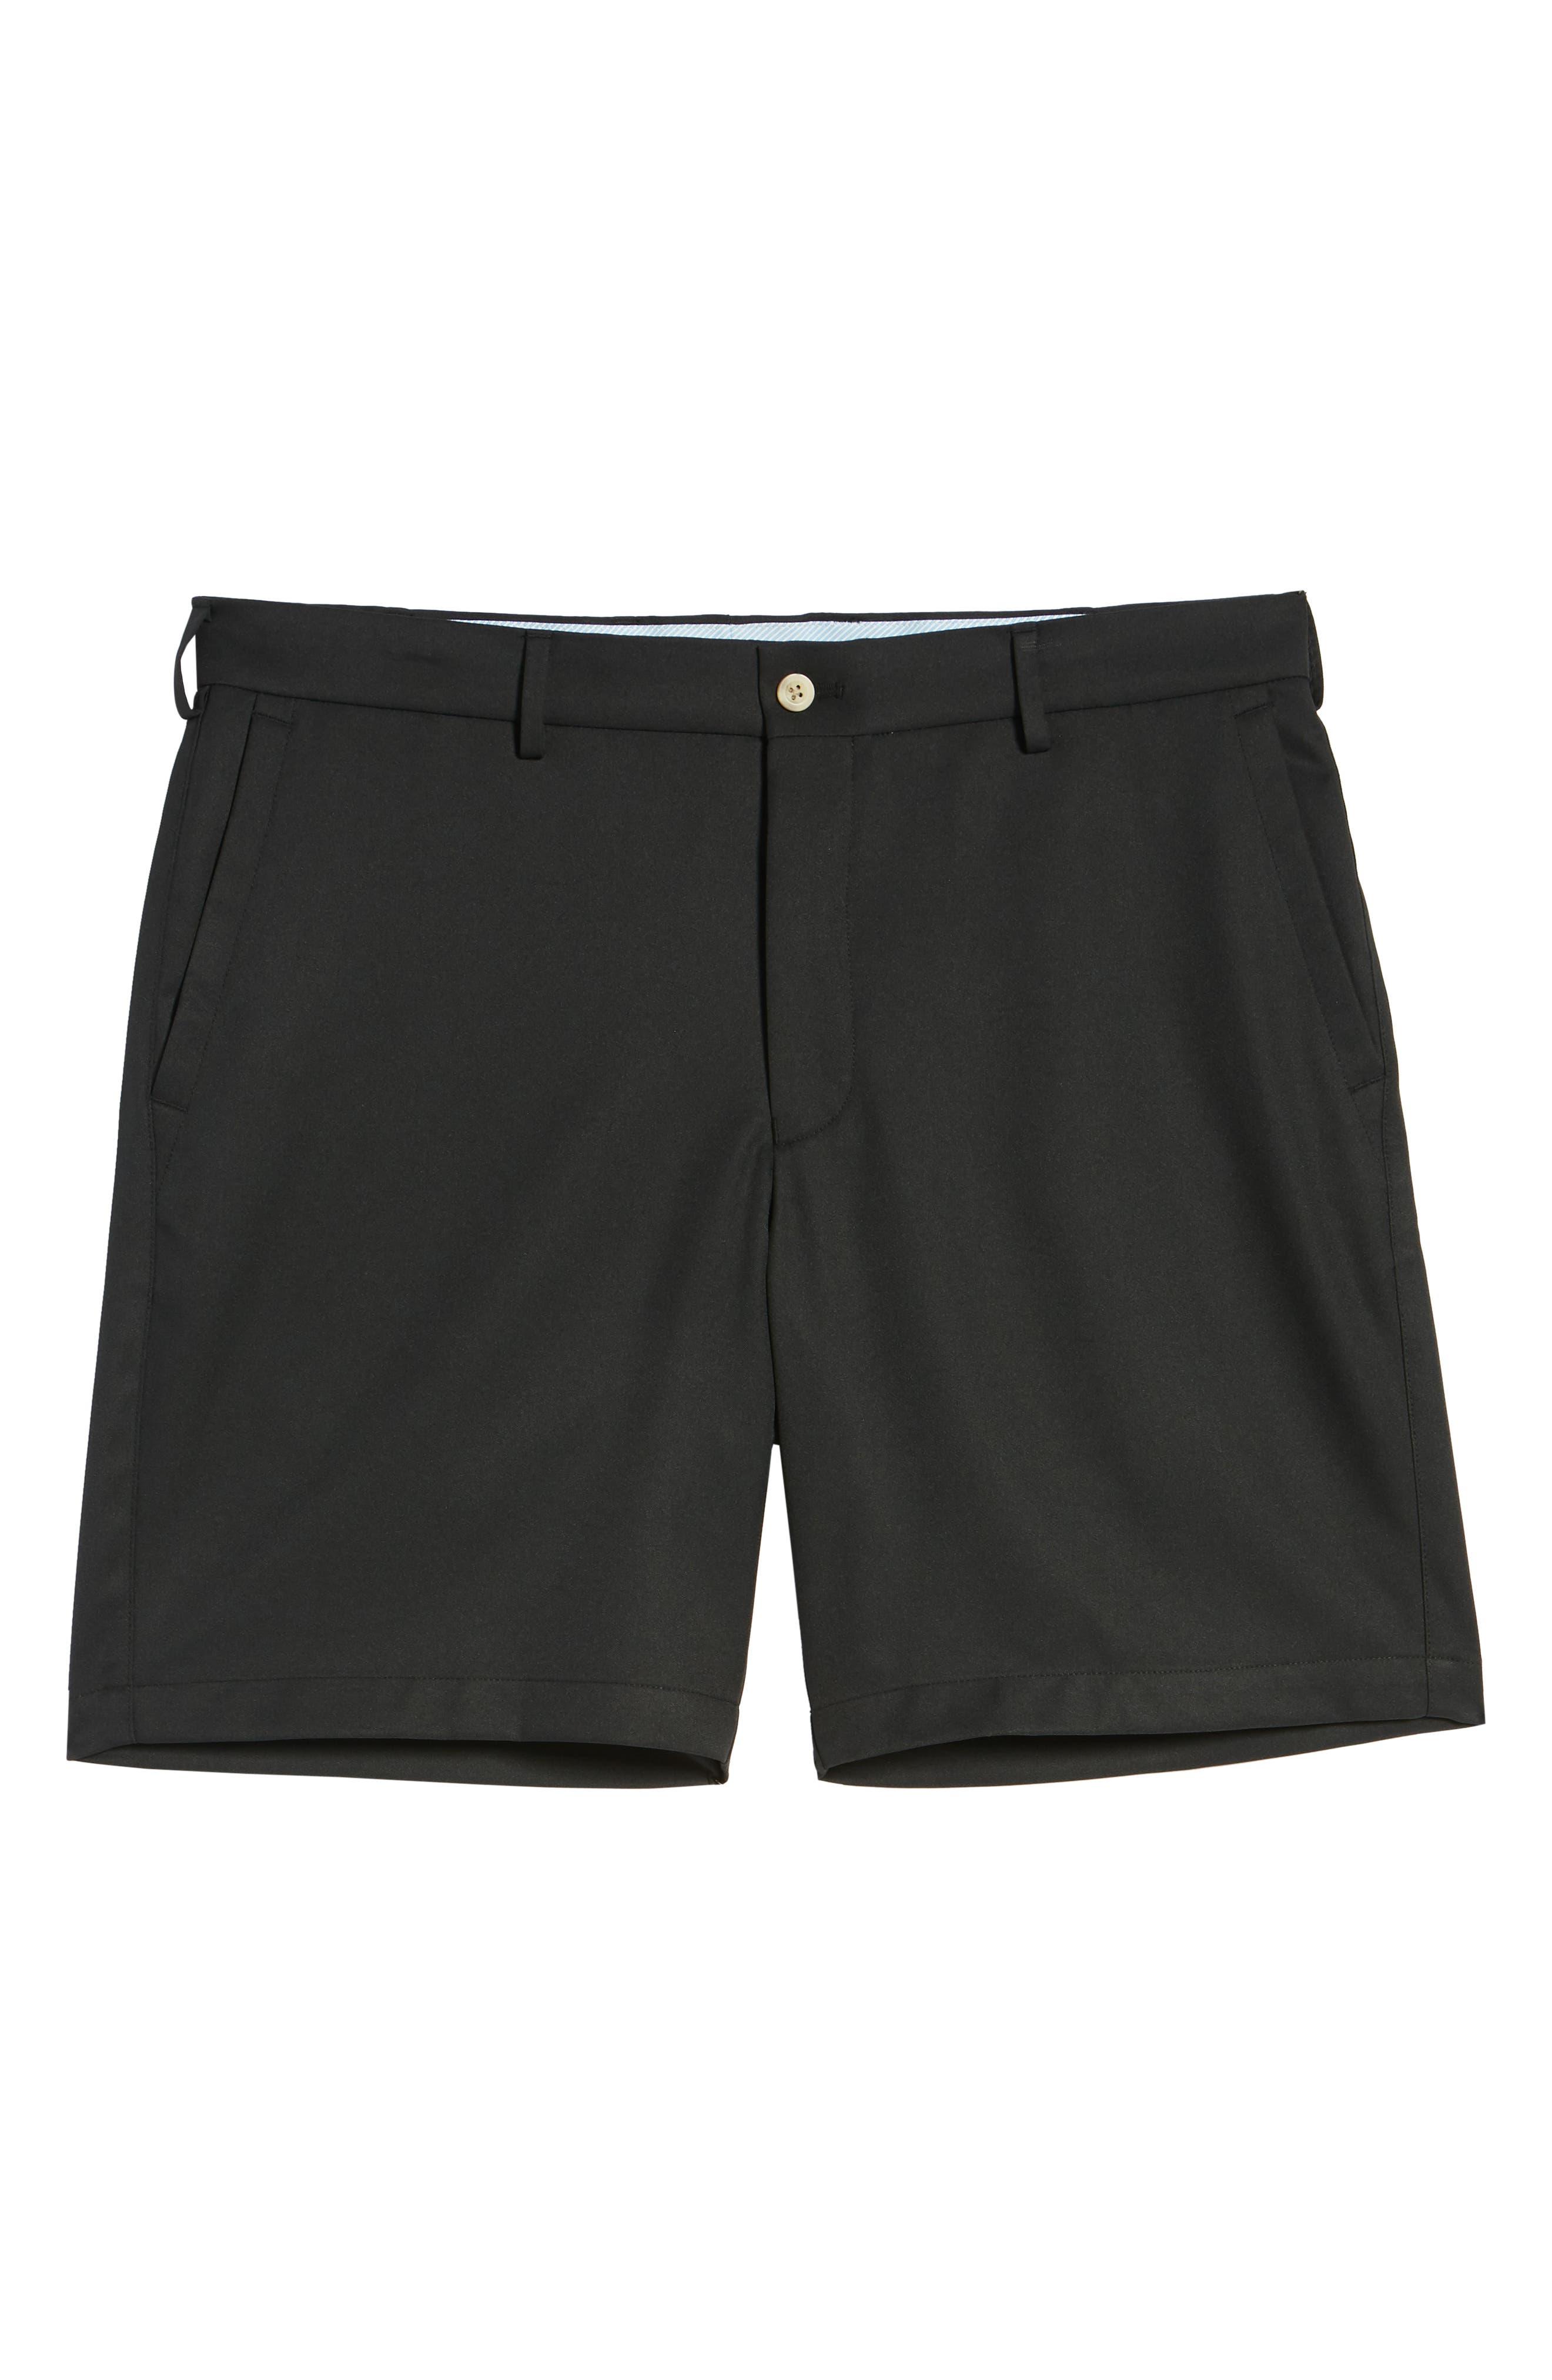 Salem High Drape Performance Shorts,                             Alternate thumbnail 6, color,                             BLACK